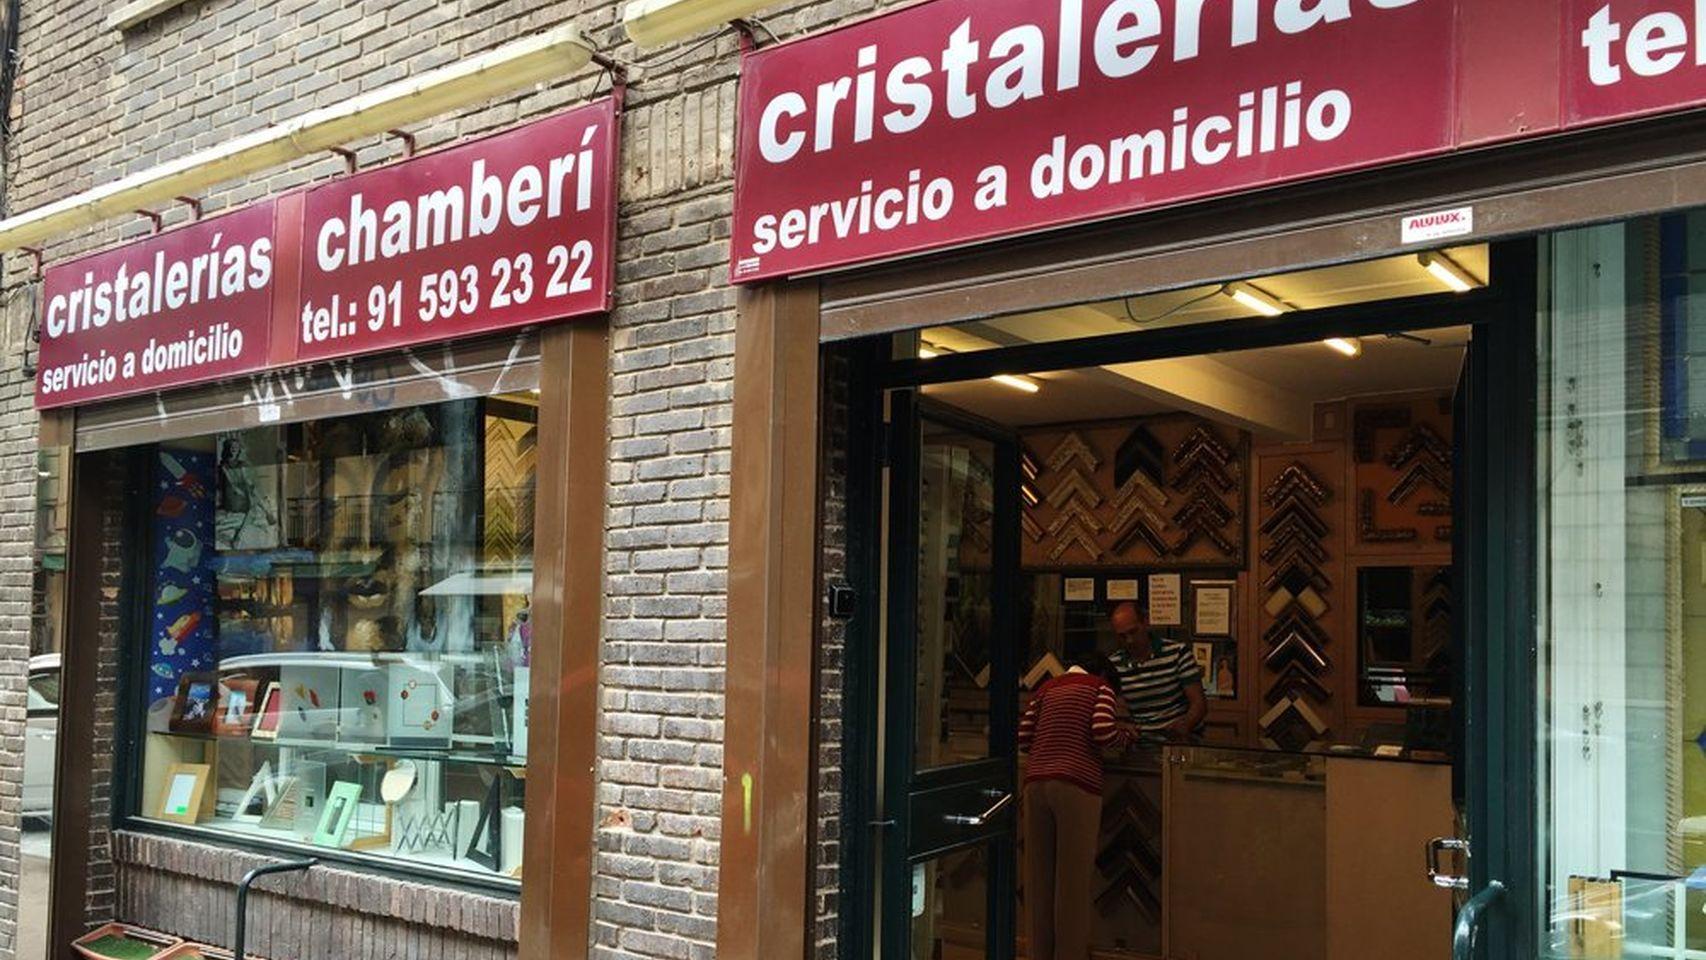 Cristalerías Chamberí